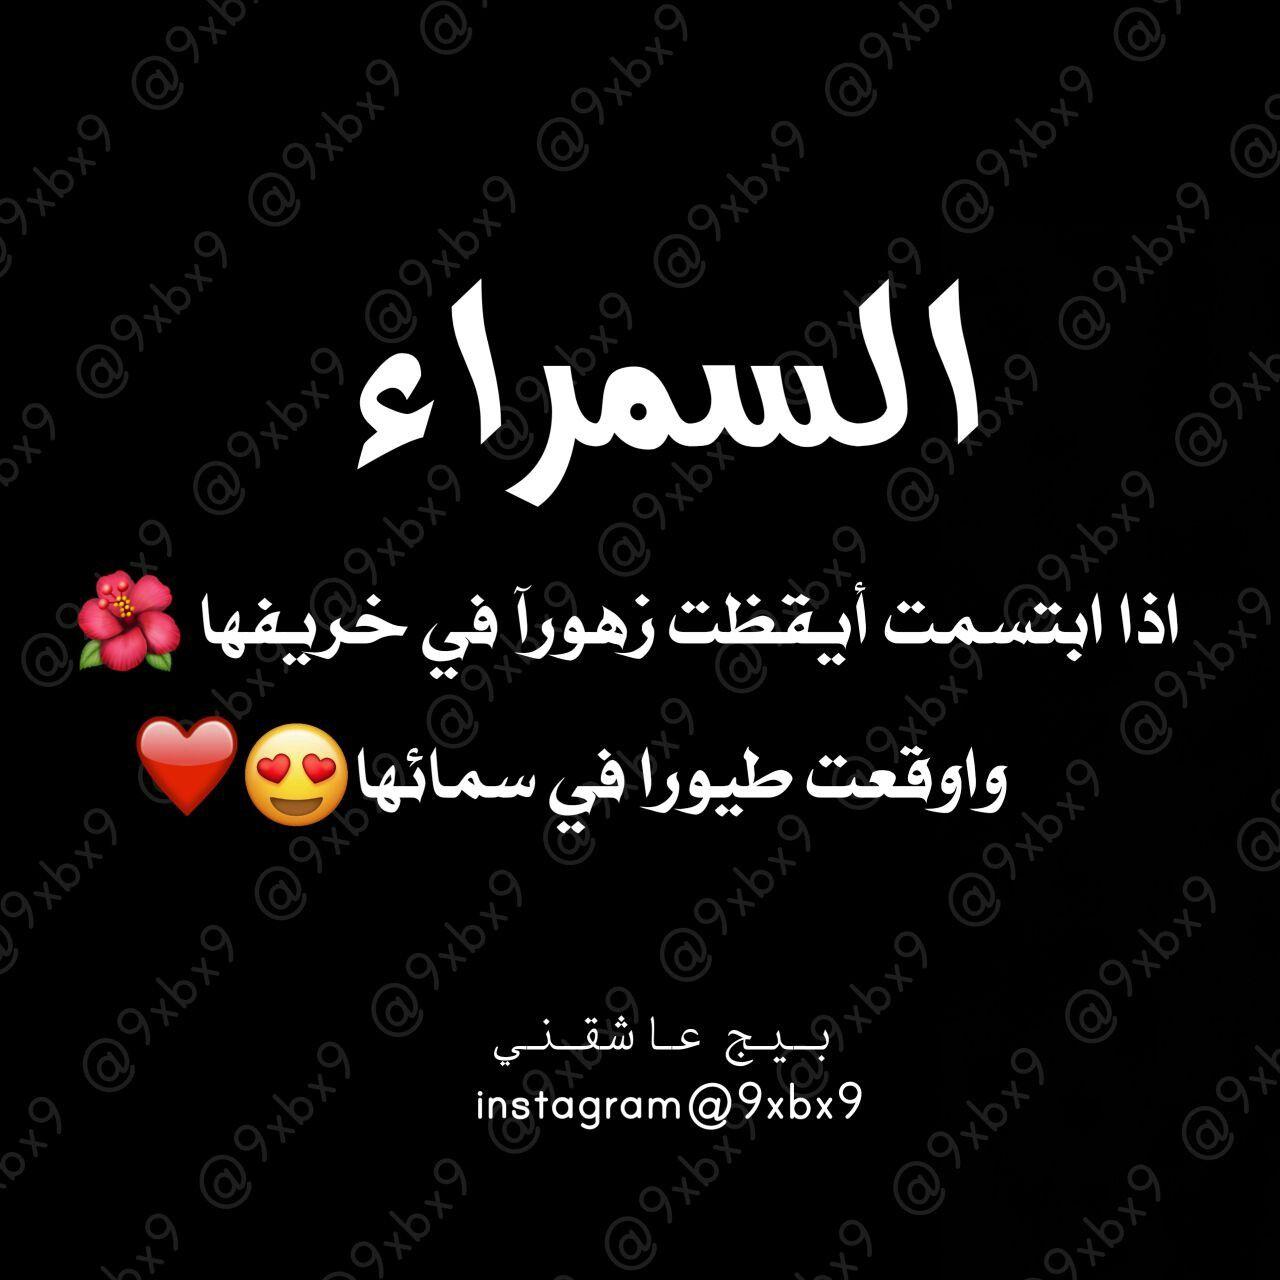 السمراء سمره سمراء غزل سمراء Love Words Arabic Love Quotes Instagram Pictures